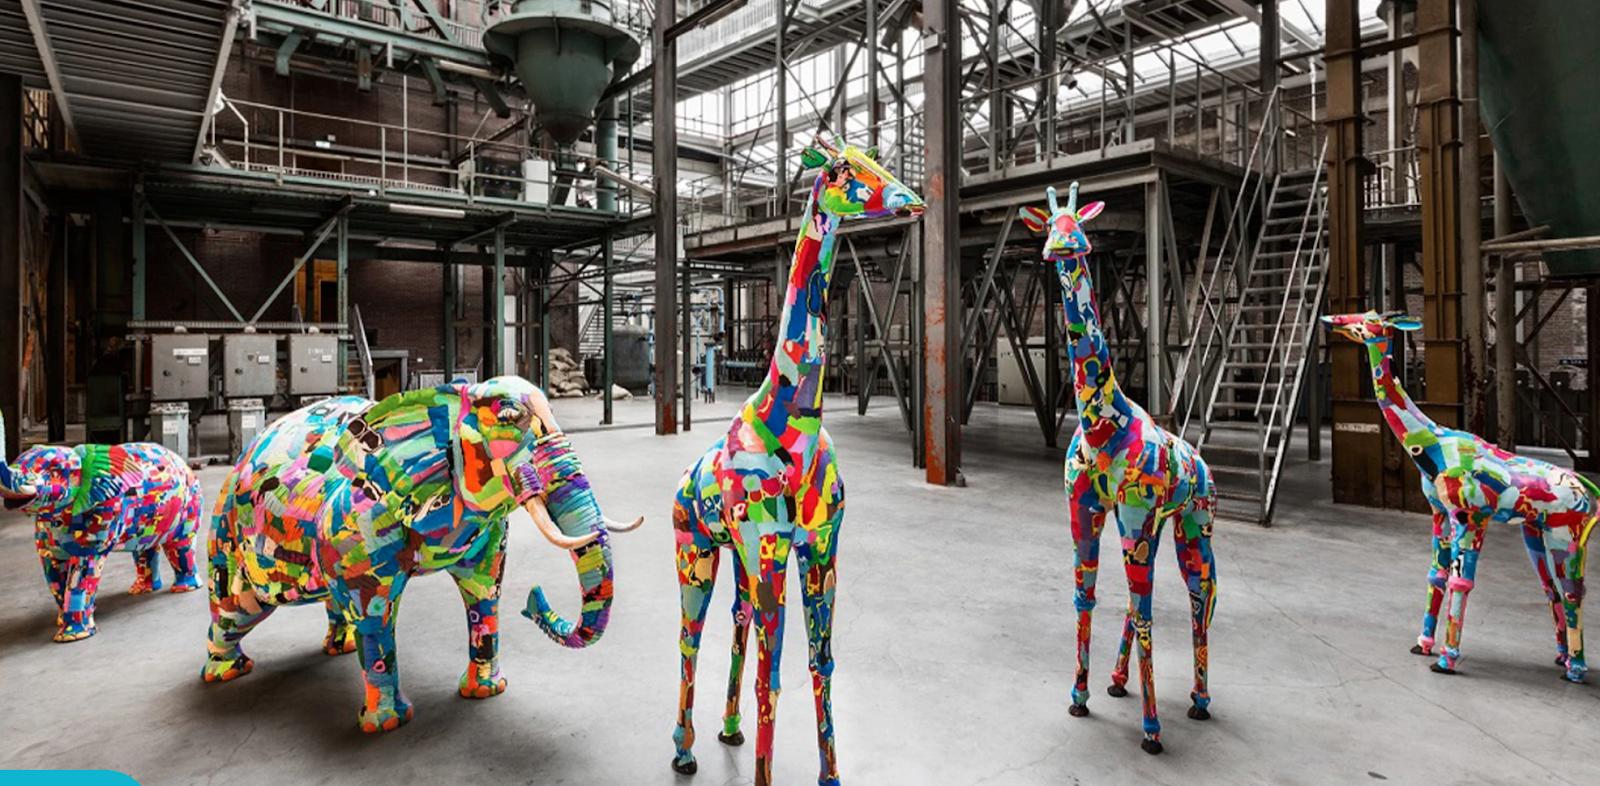 sculptures using washed up flip flops